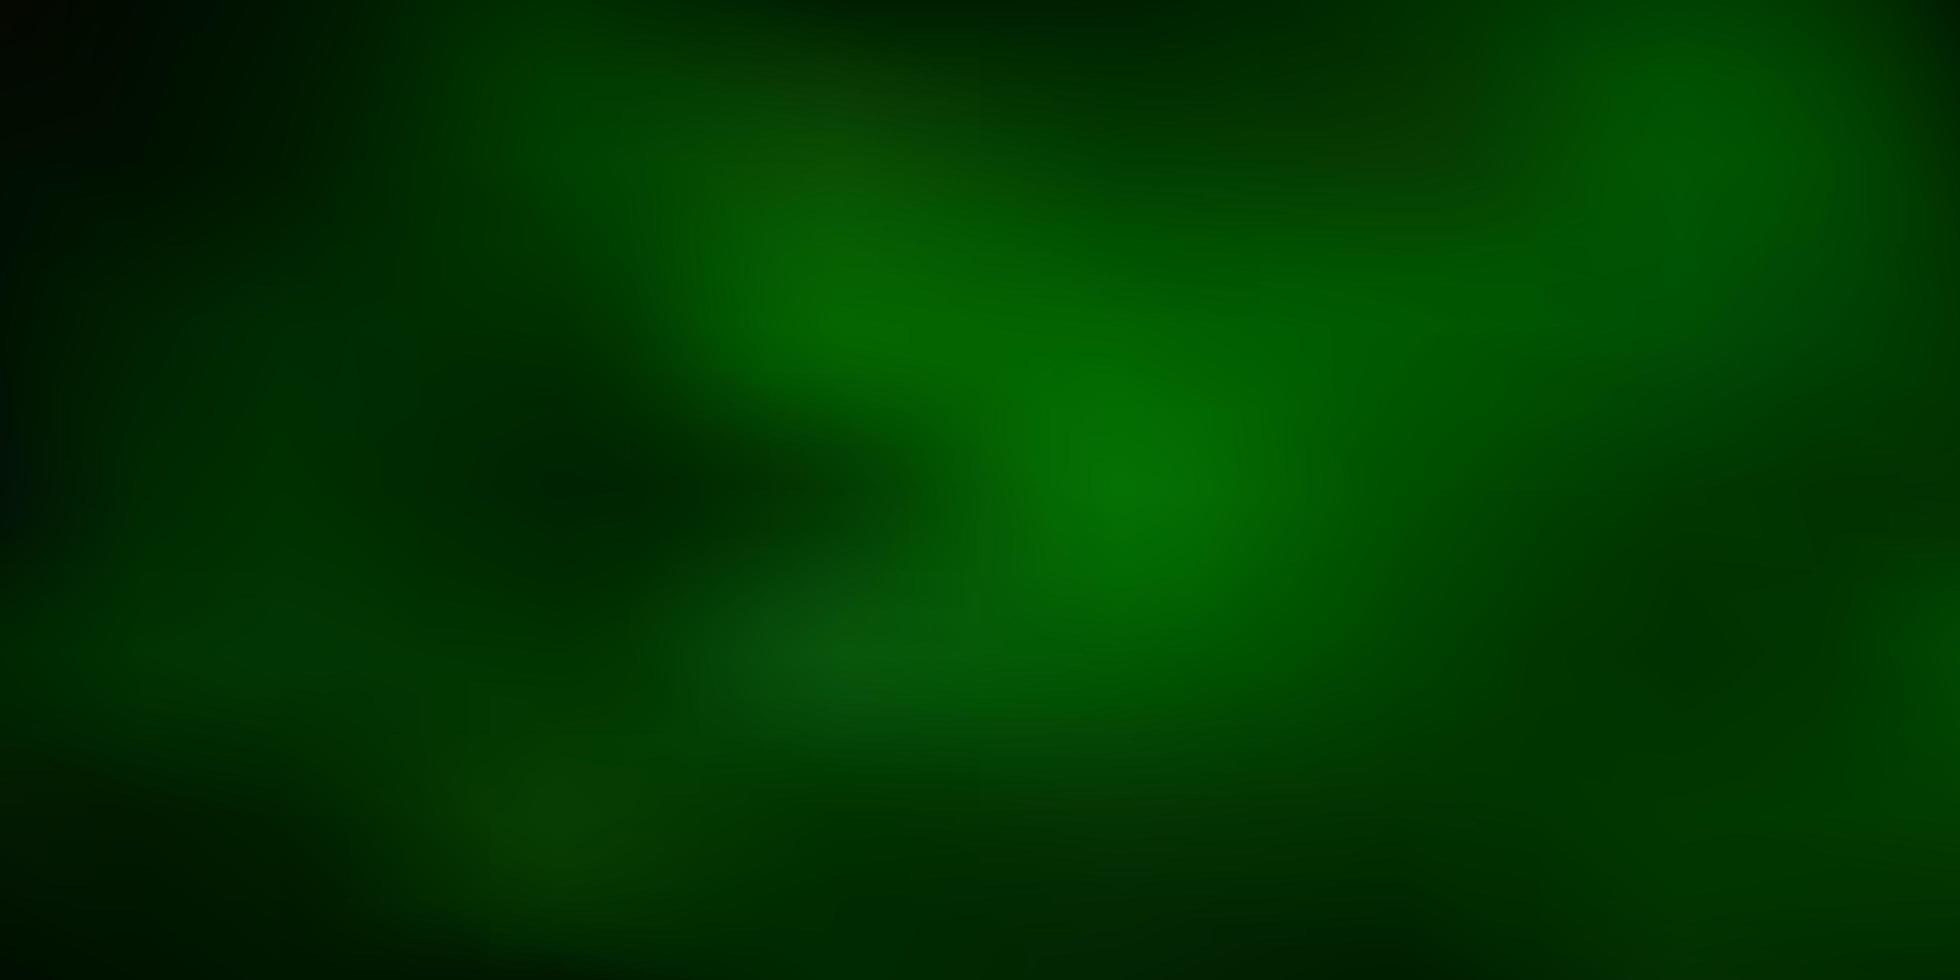 mörkgrön vektor abstrakt oskärpa ritning.